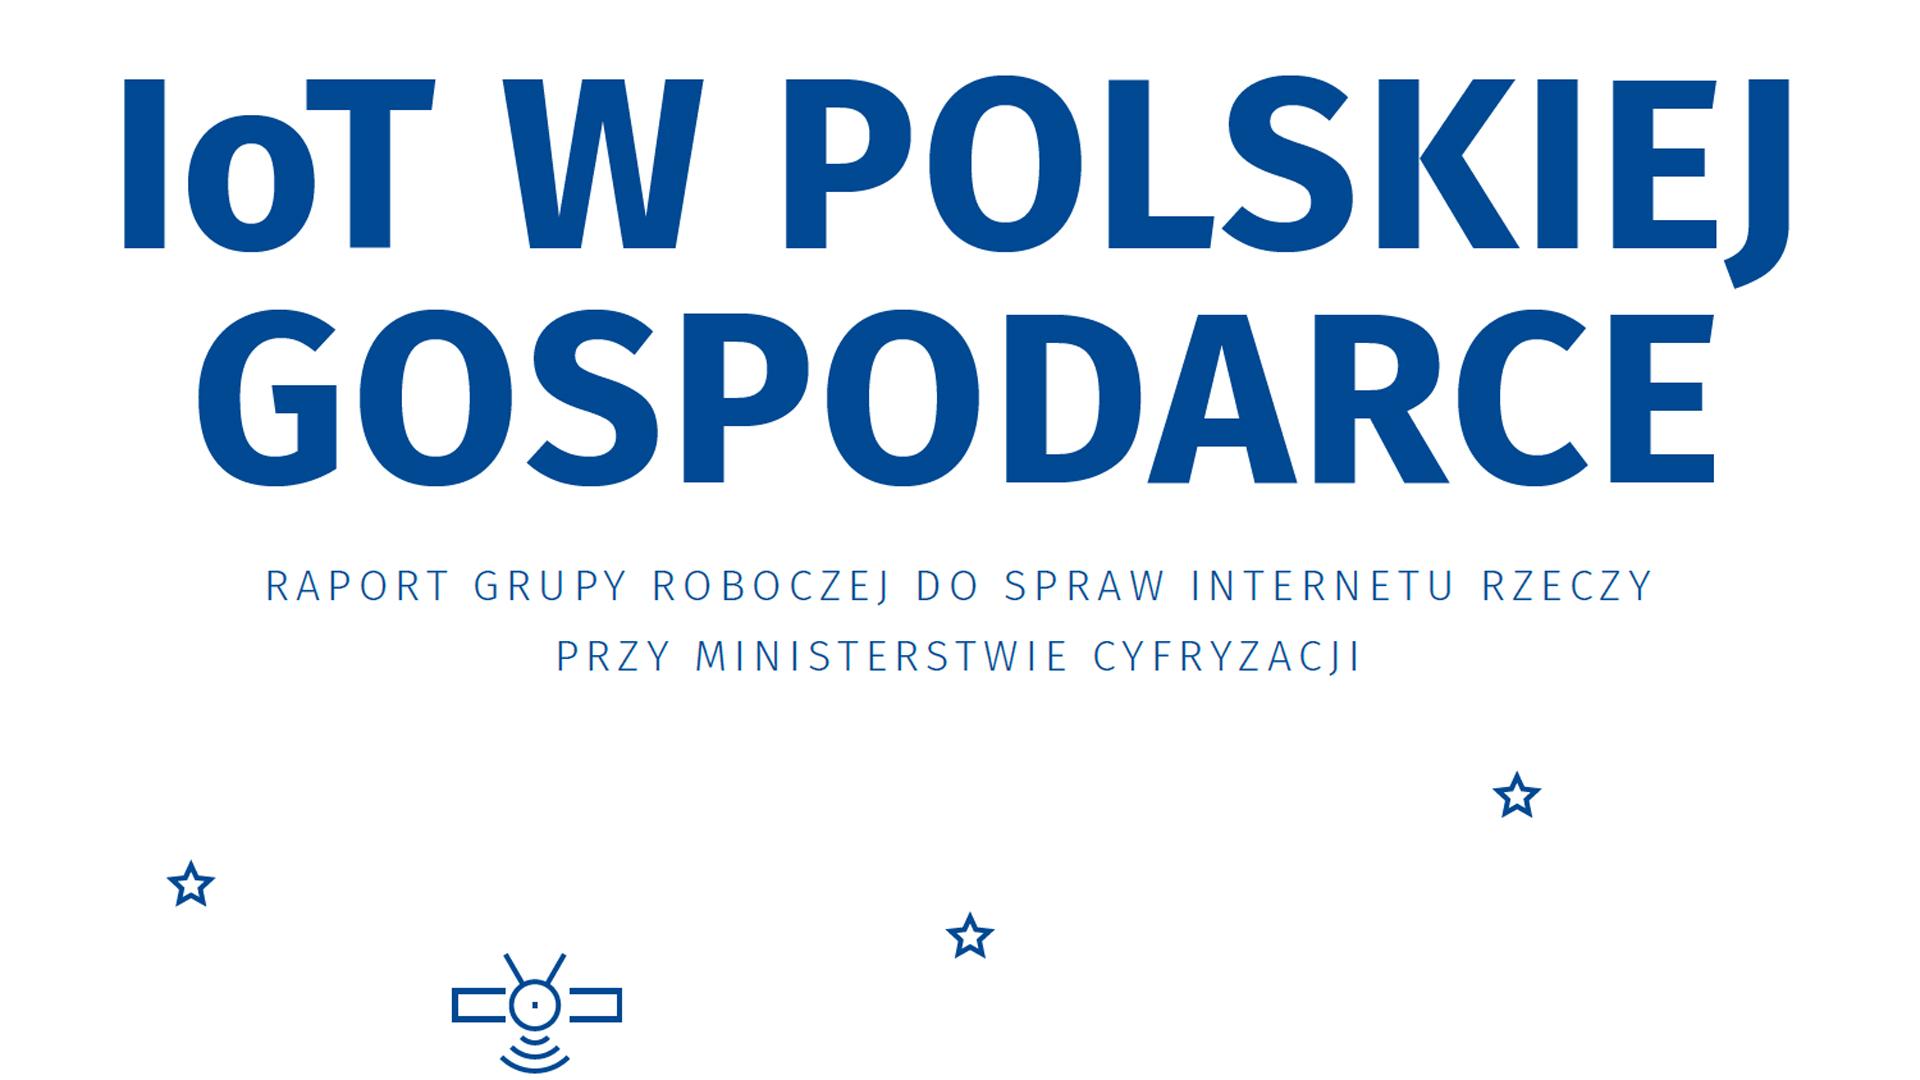 """Opublikowano raport Ministerstwa Cyfryzacji """"IoT w polskiej gospodarce"""", współtworzony przez PCSS"""